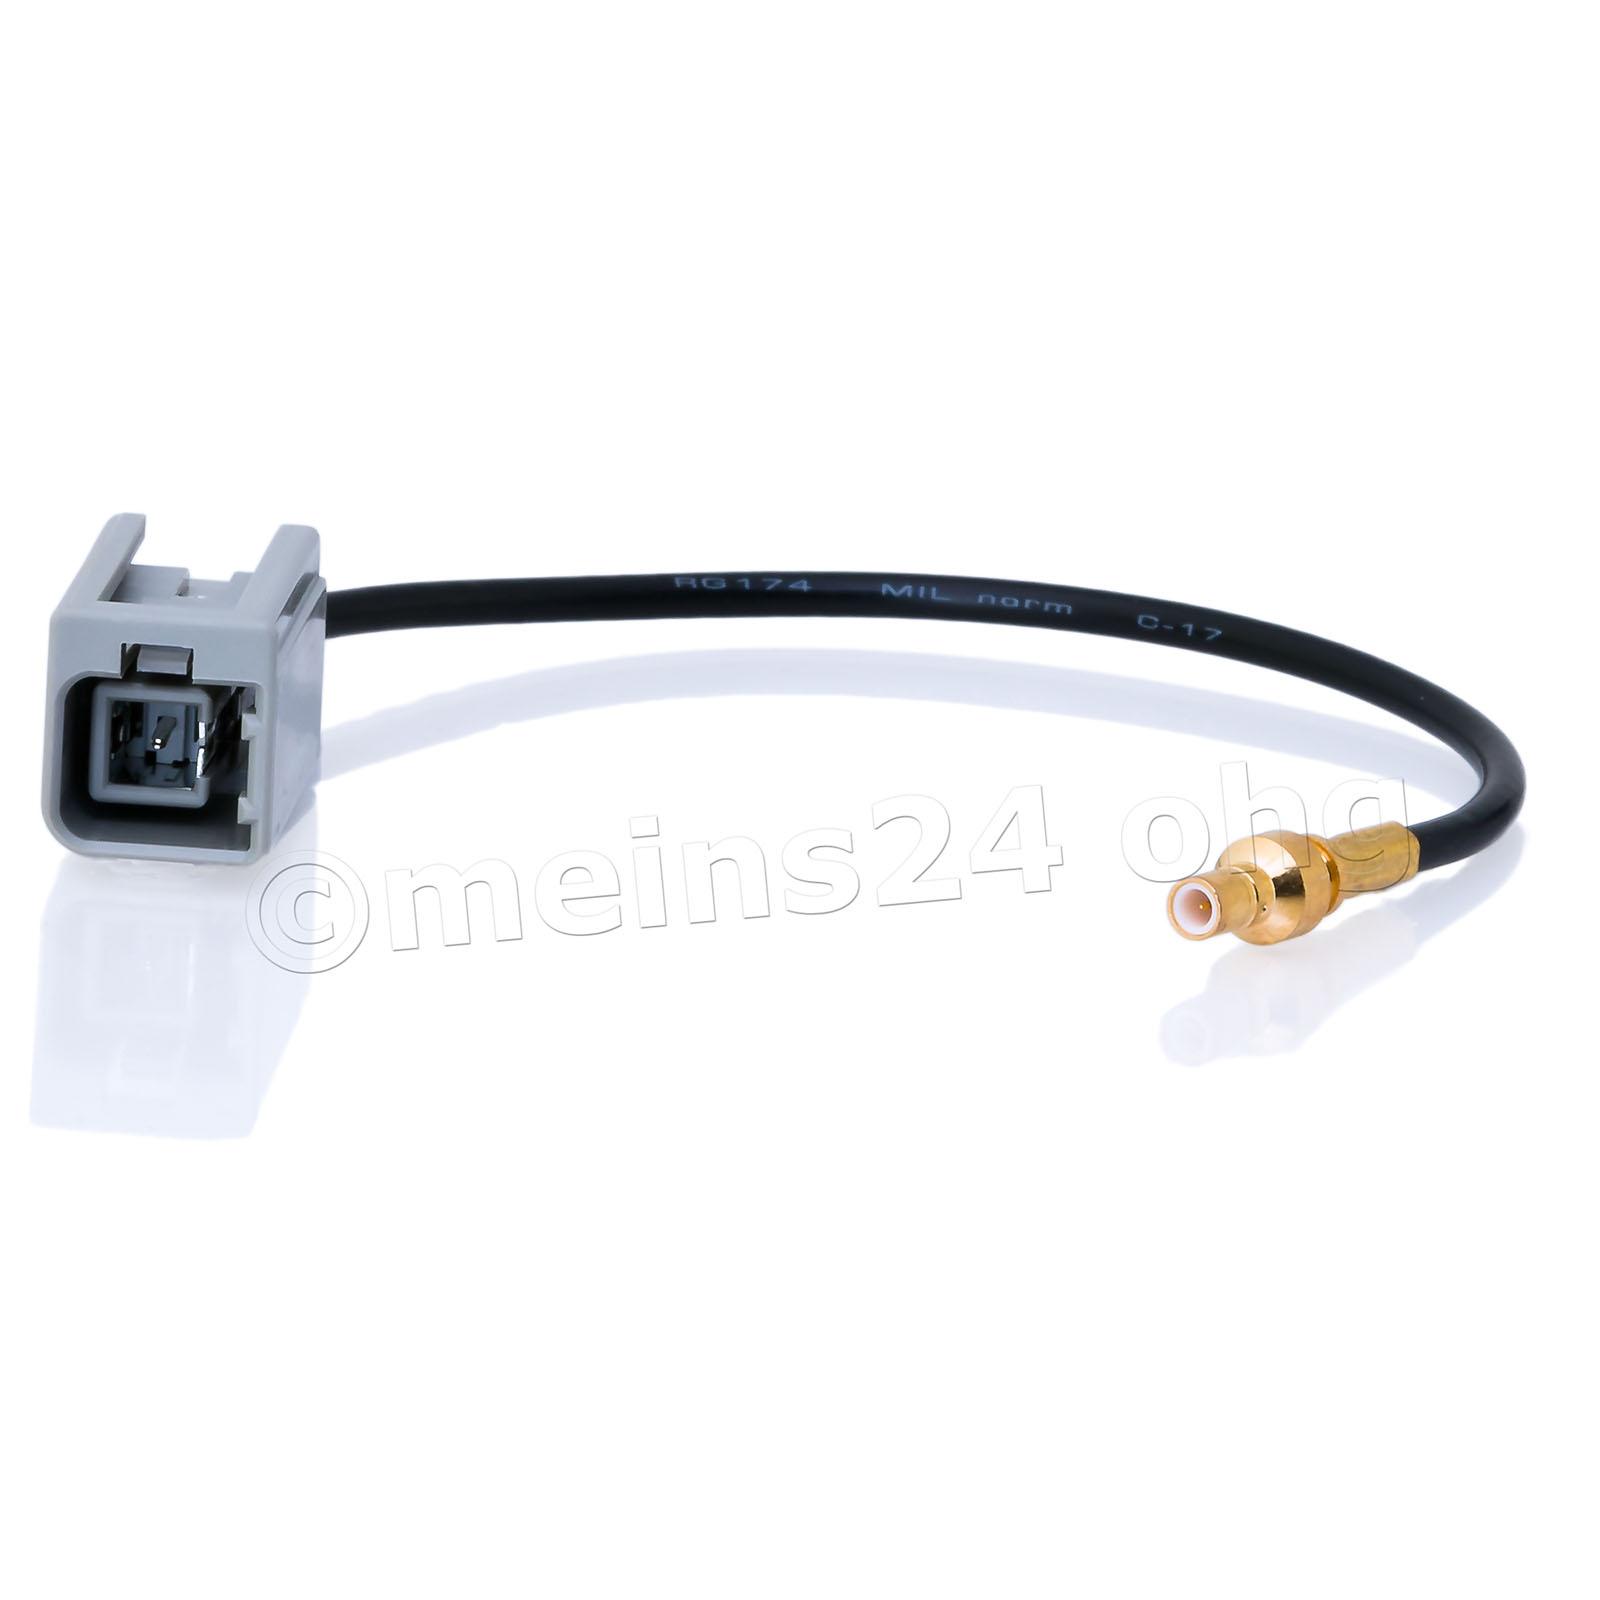 Antennenadapter GT5 1S 1PP Stecker (m) -> SMB Stecker (m)